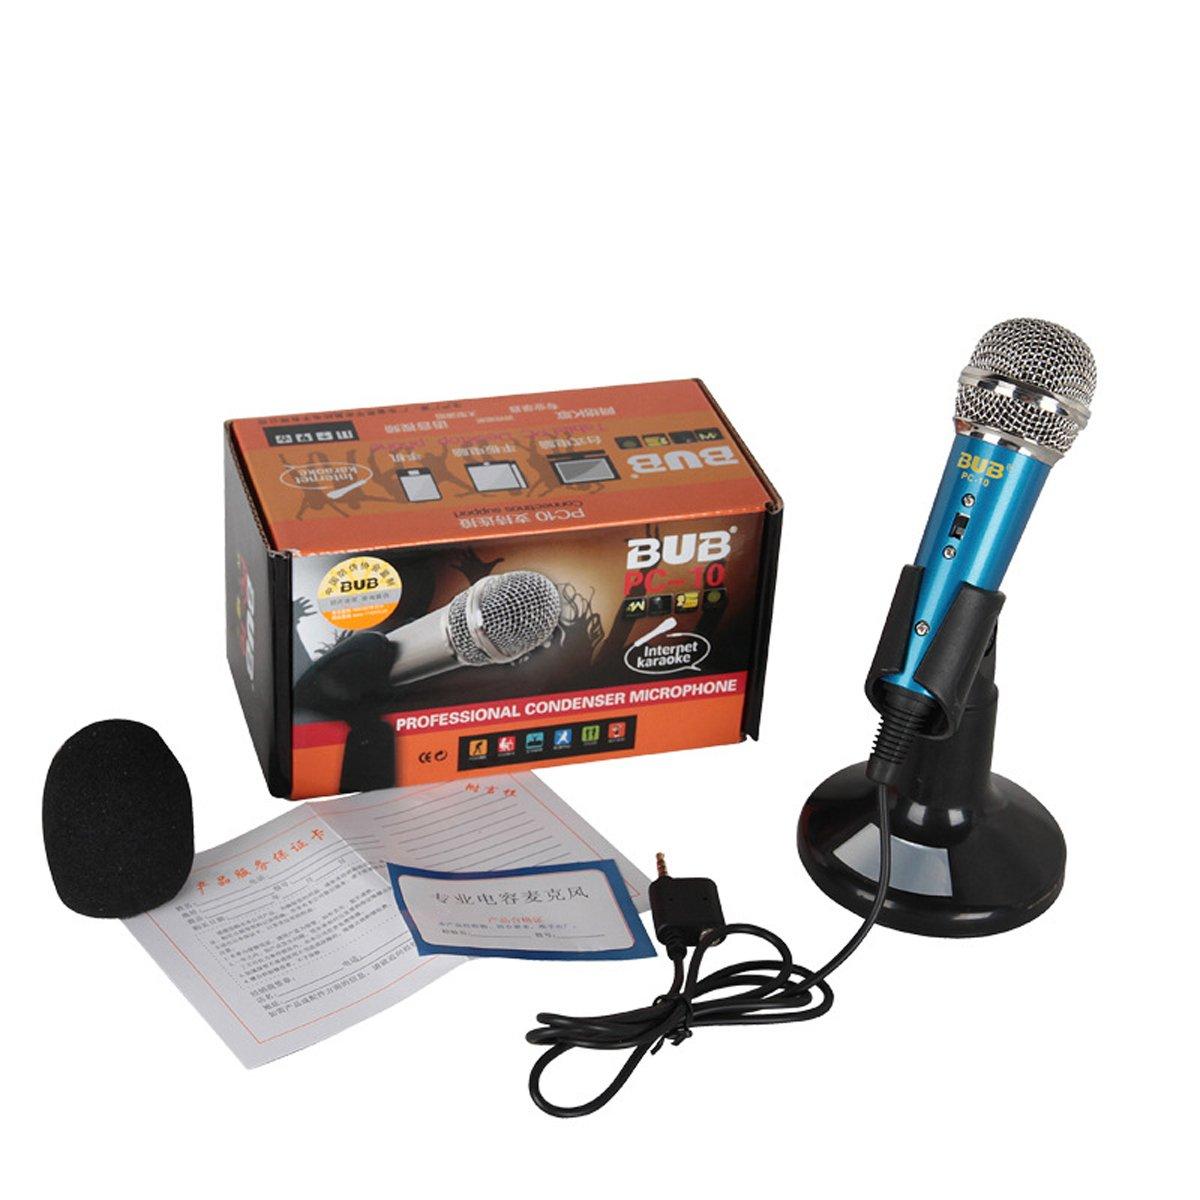 JOYOOO Mini hand Kondensator-Mikrofon Gesangsaufnahme für Handy, Kompatibel mit iOS und Android-Smartphones